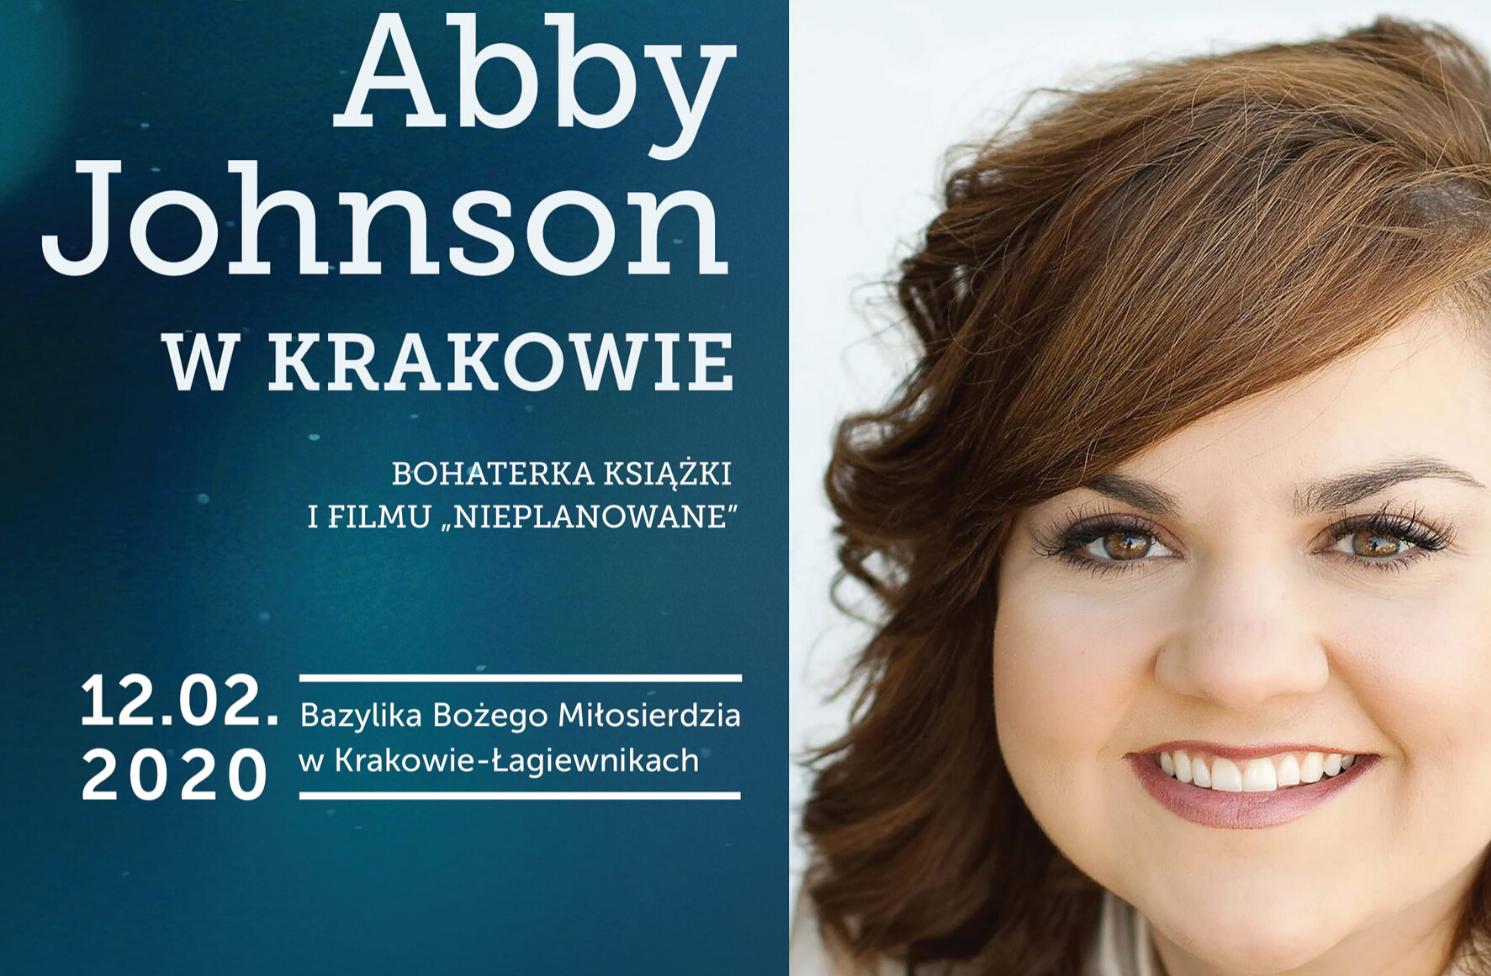 Świadectwo Abby Johnson w Krakowie